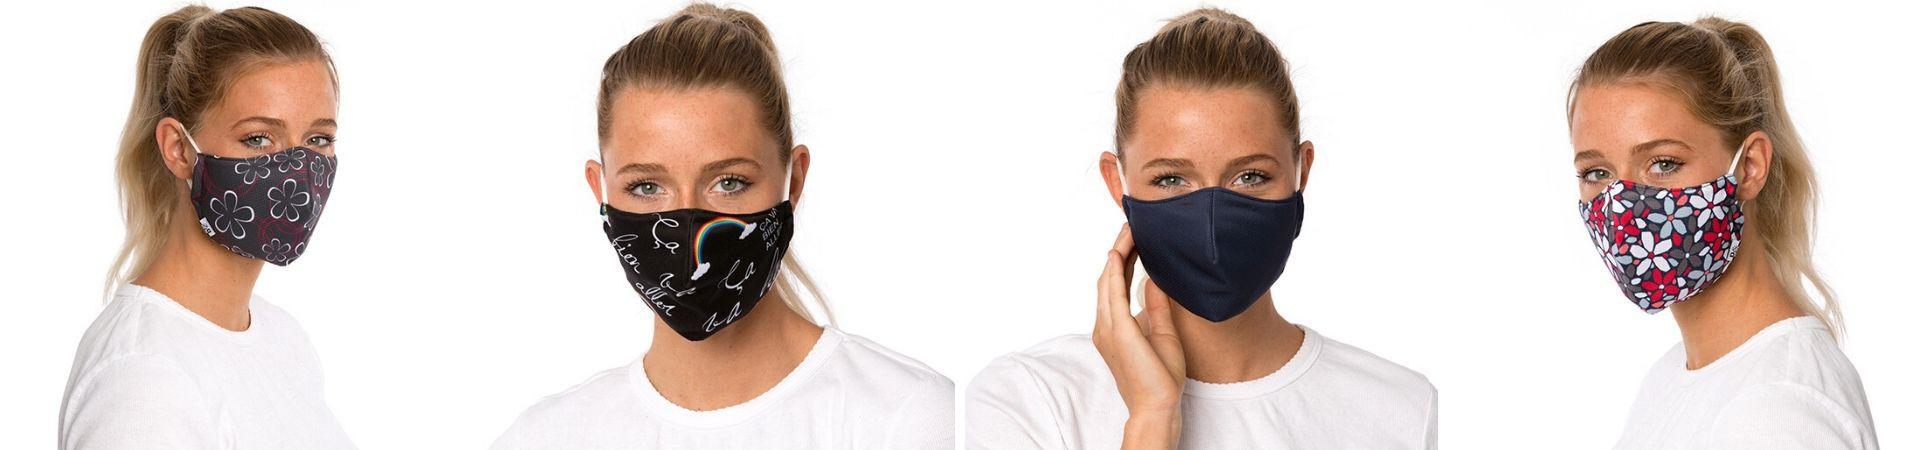 Masques de protection lavables et antibactériens pour le visage.